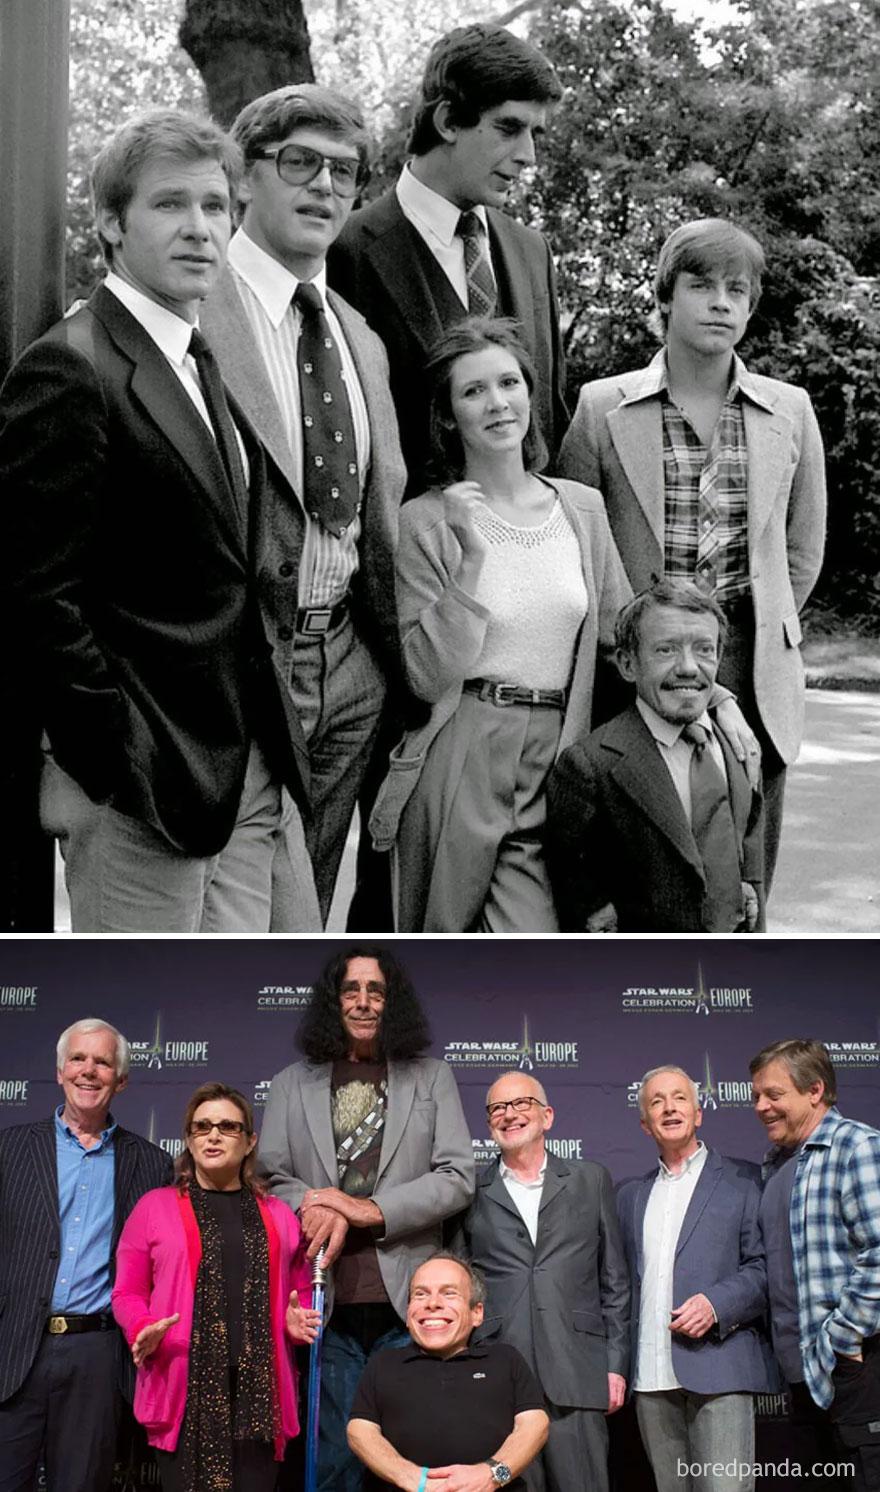 herci zo slavnych serialov niekedy a teraz (9)